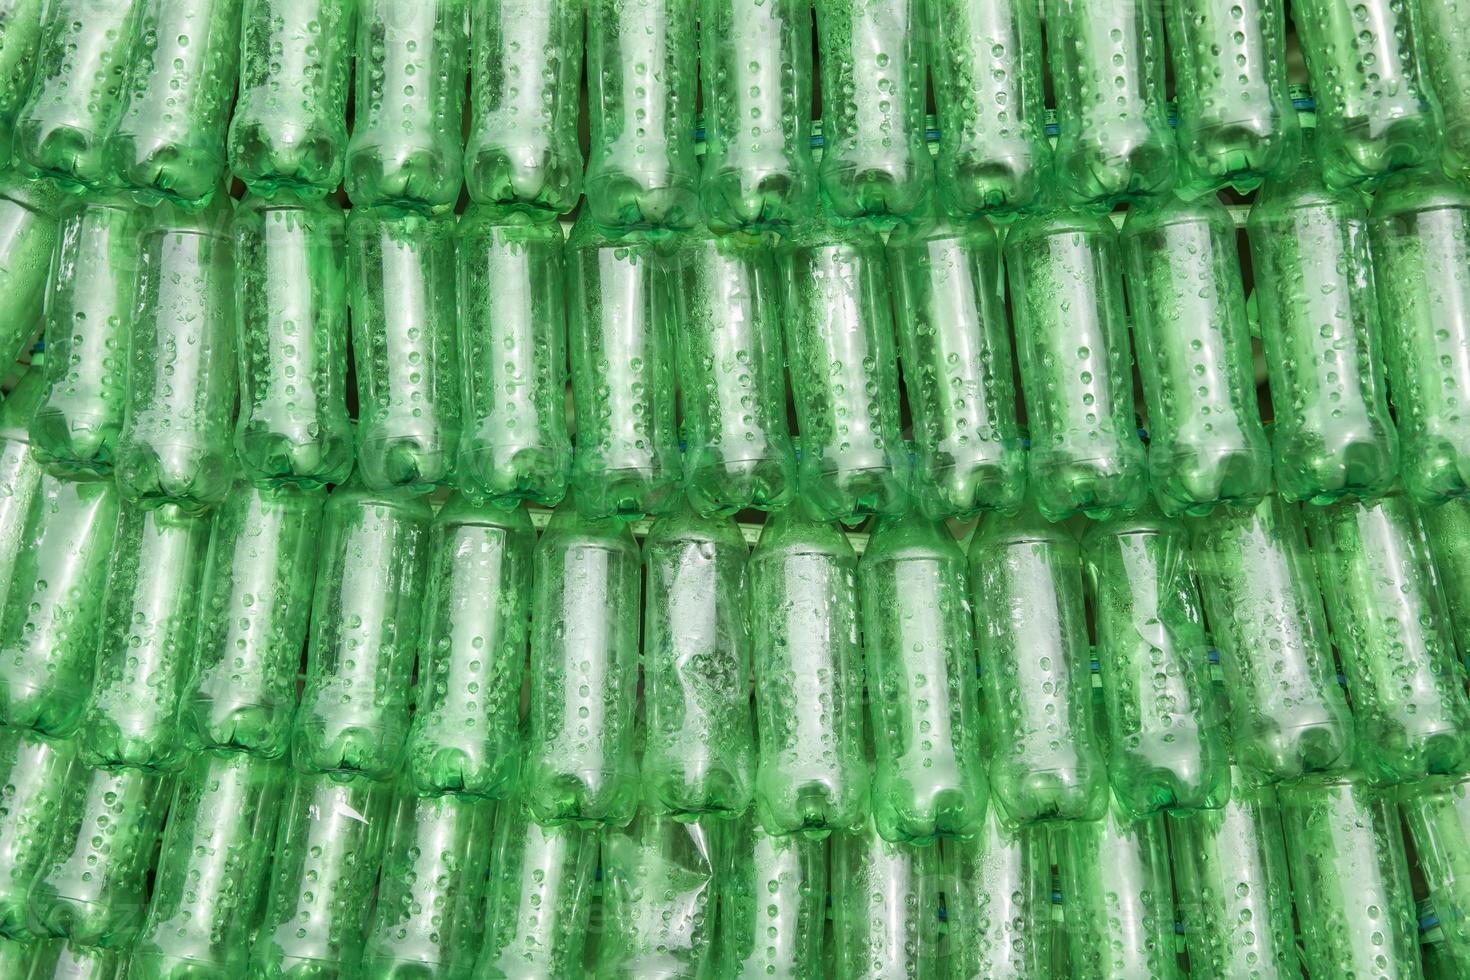 filas de botellas de plástico verde apiladas una al lado de la otra foto